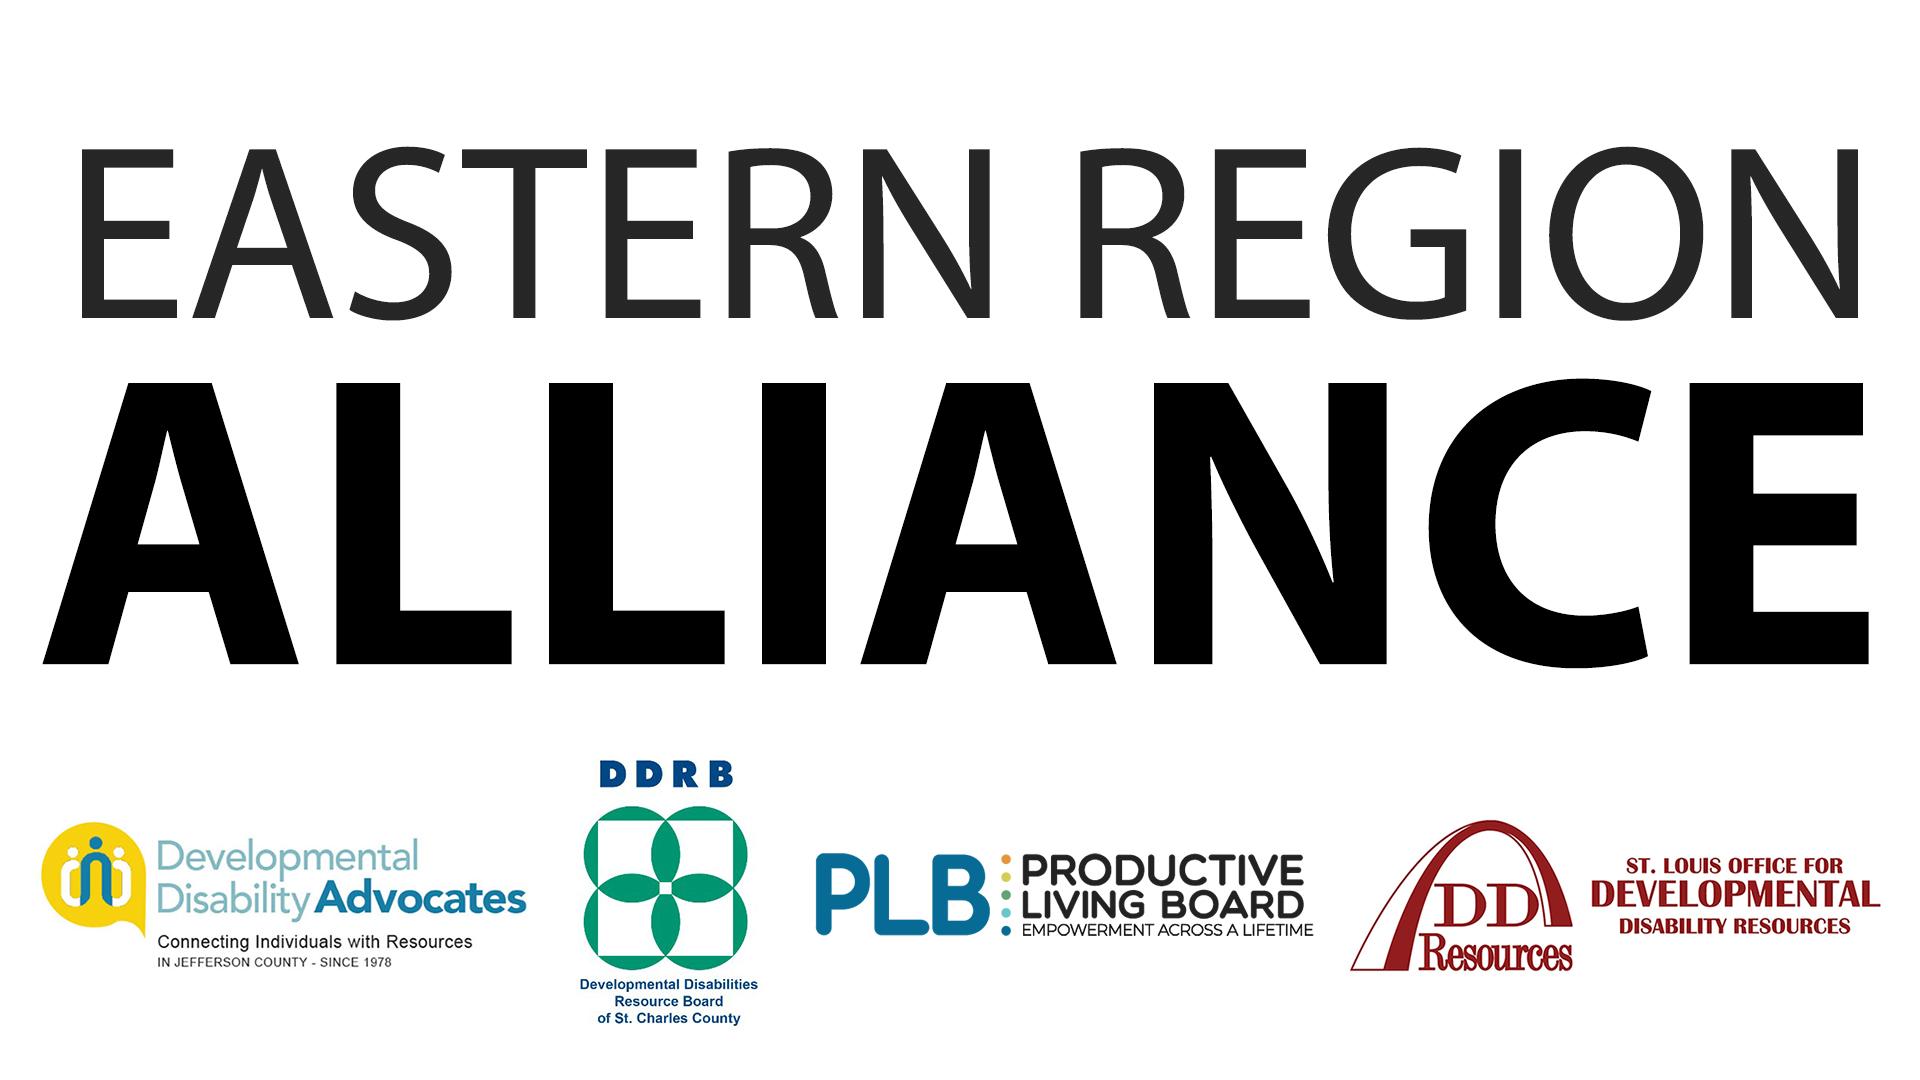 Eastern Region Alliance - Developmental Disability Advocates, Developmental Disability Resource Board, Productive Living Board, St. Louis Office for Developmental Disability Resources